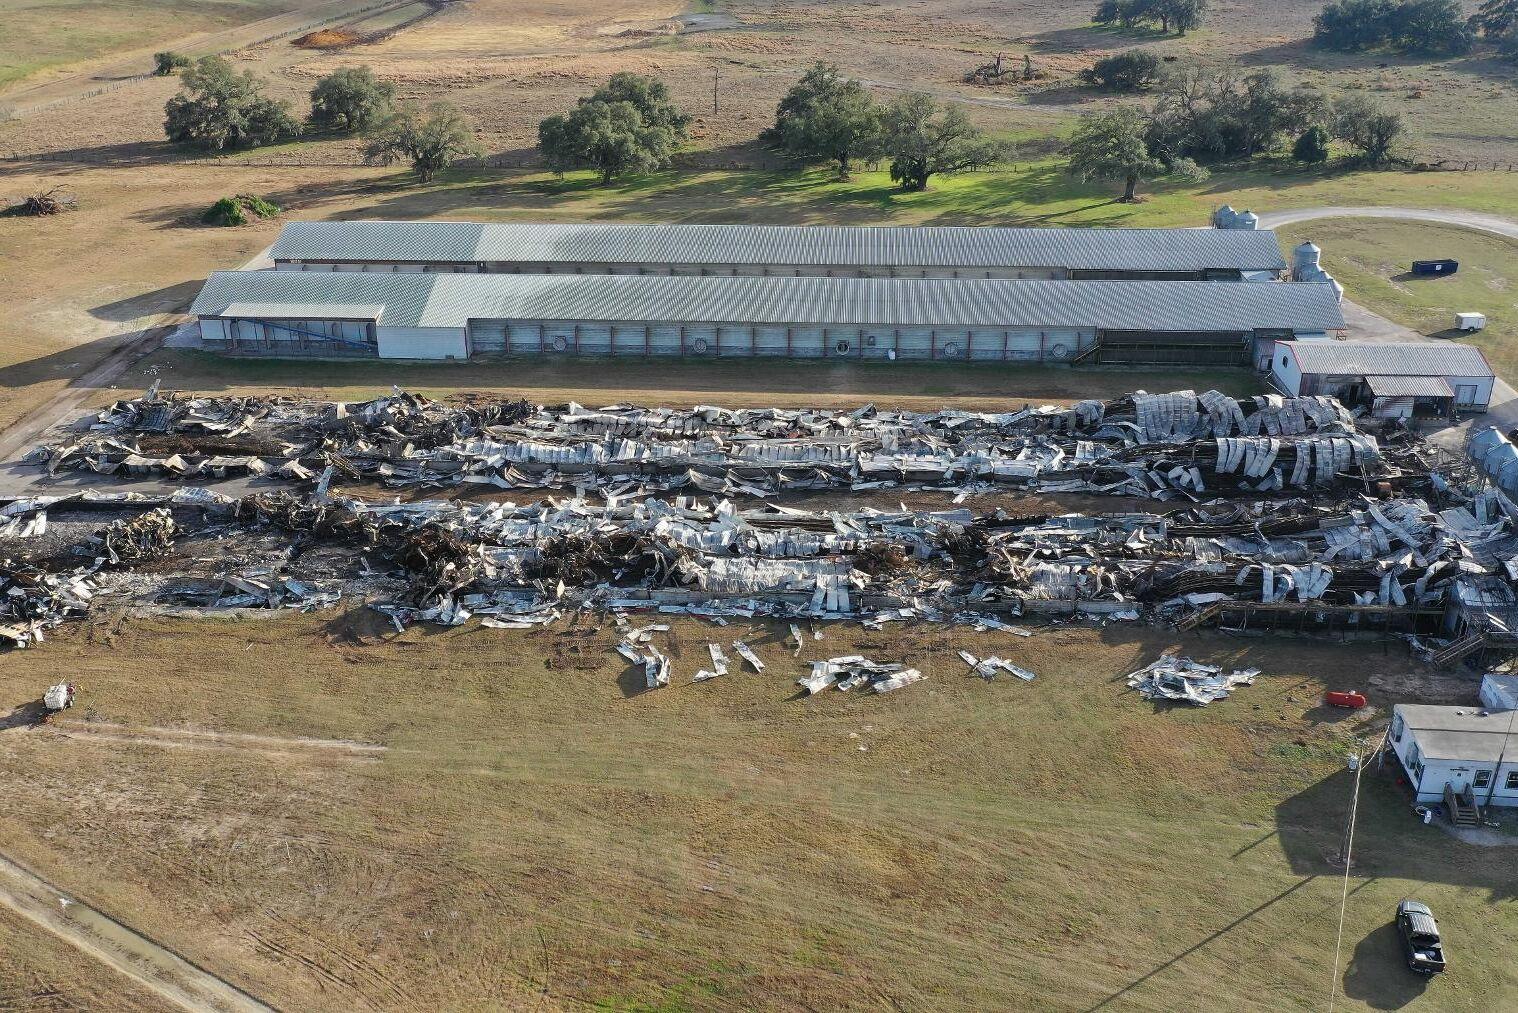 Minst 240 000 kycklingar och värphöns blev innebrända när Cal-Maine Foods anläggning i Florida eldhärjades under torsdagen.